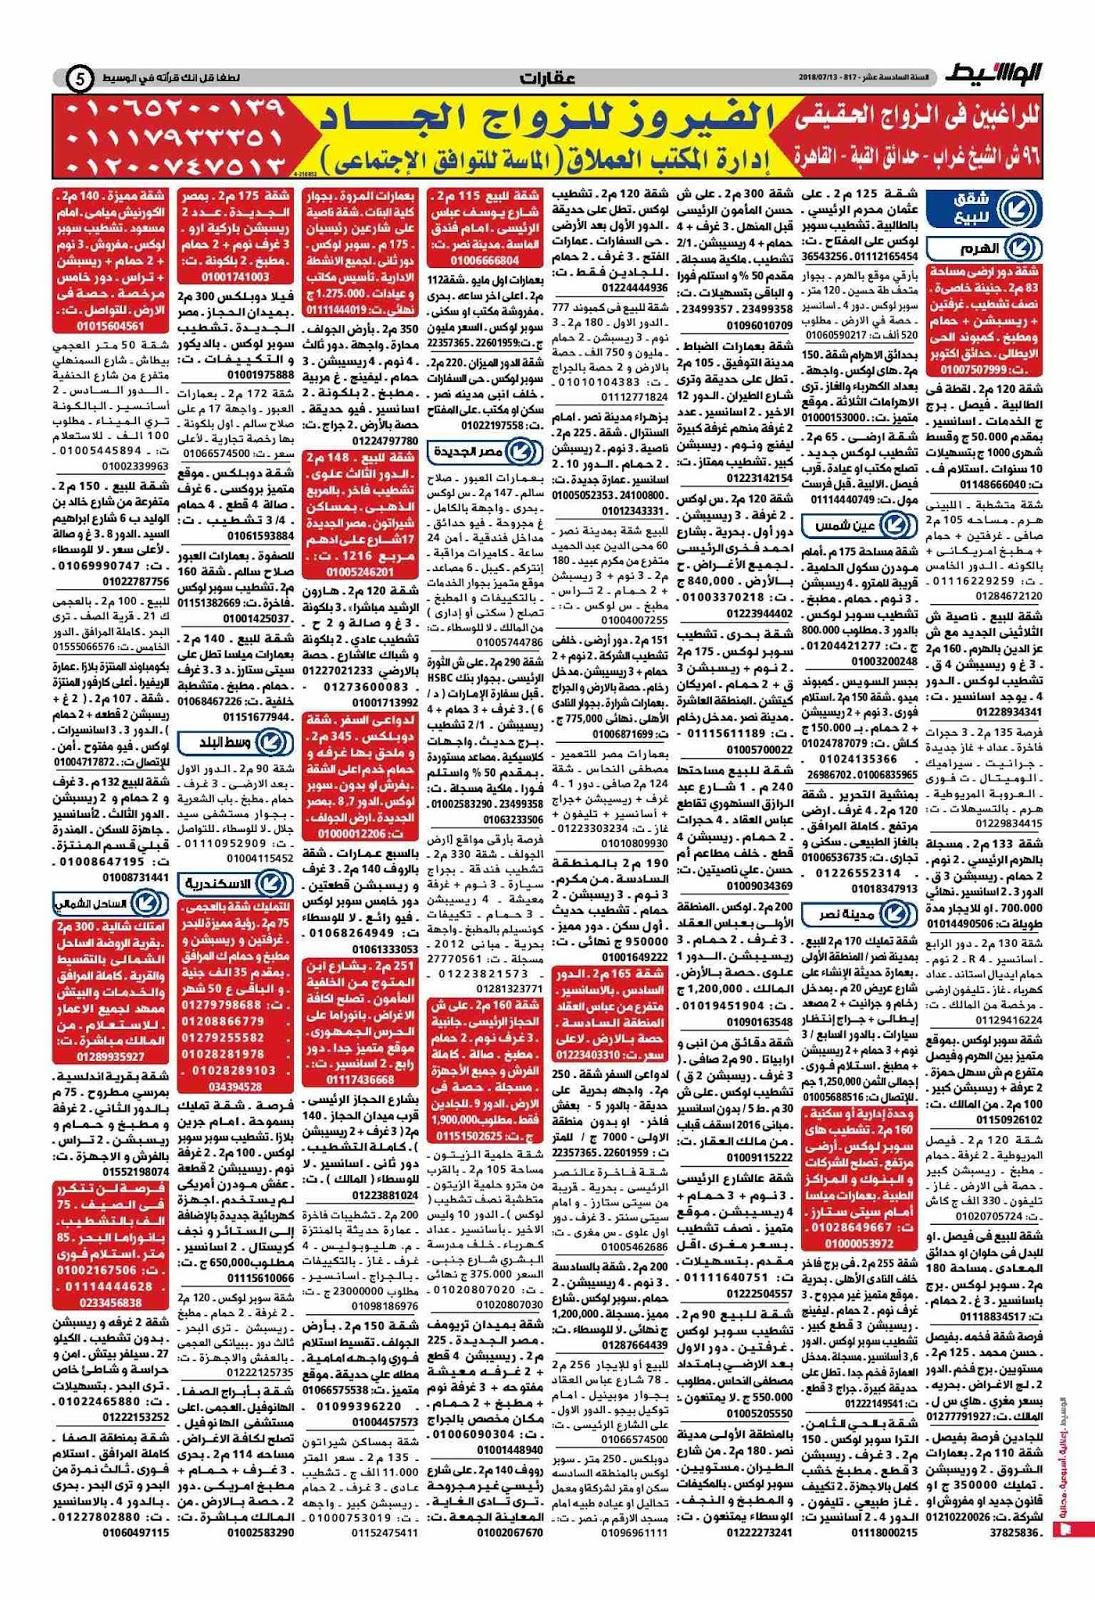 وظائف الوسيط مصر الجمعة 13 يوليو 2018 واعلانات الوسيط